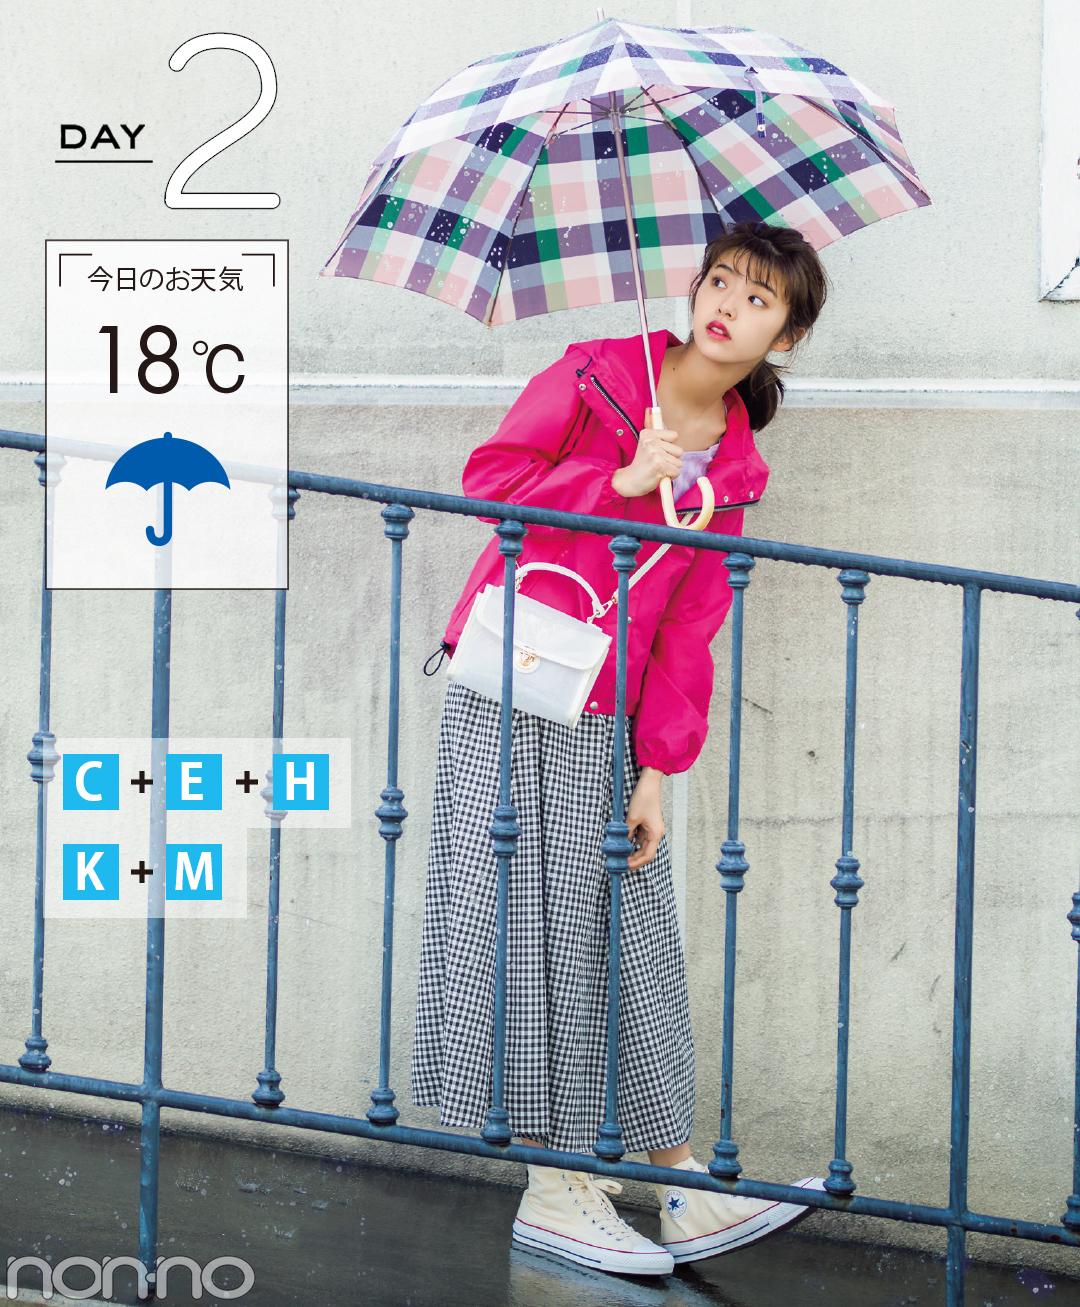 【夏のスニーカーコーデ】鈴木優華は、ハッピーなピンク&チェックで憂うつな気分を一掃!